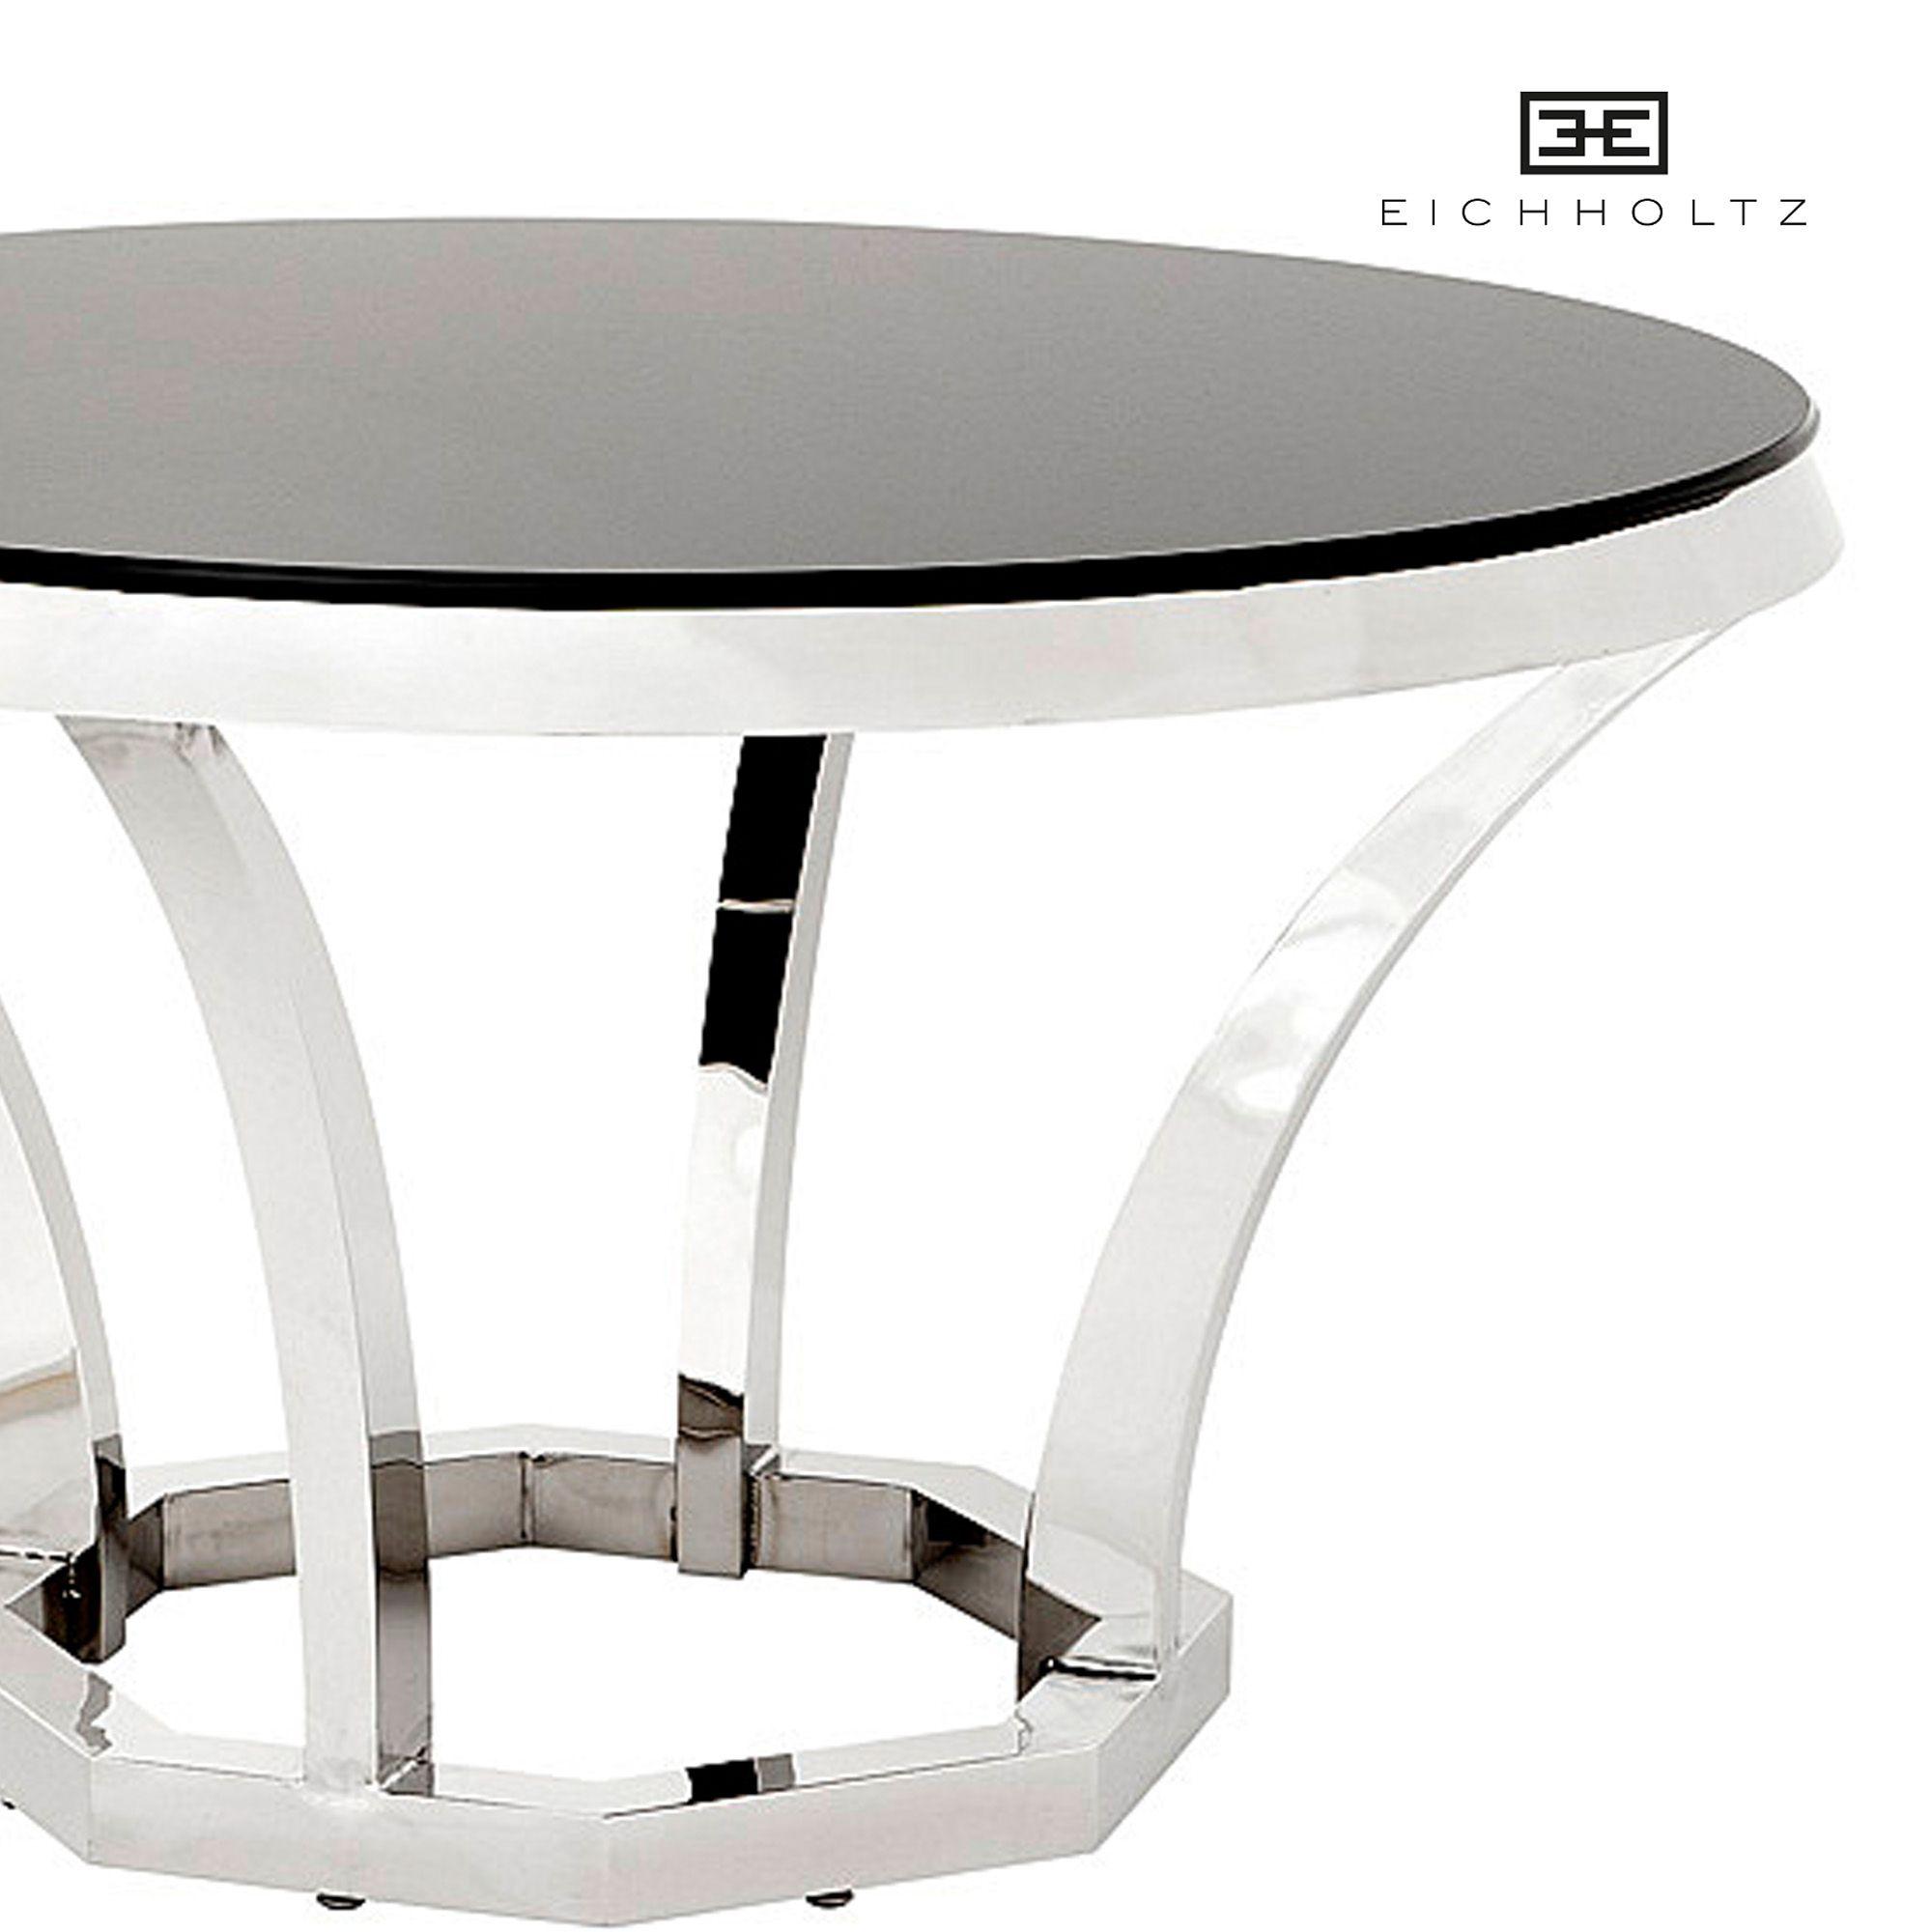 Ronde Eettafel 130 Cm Zwart.Eichholtz Dining Table Valentino Ronde Eettafel Zwart Glas 130cm